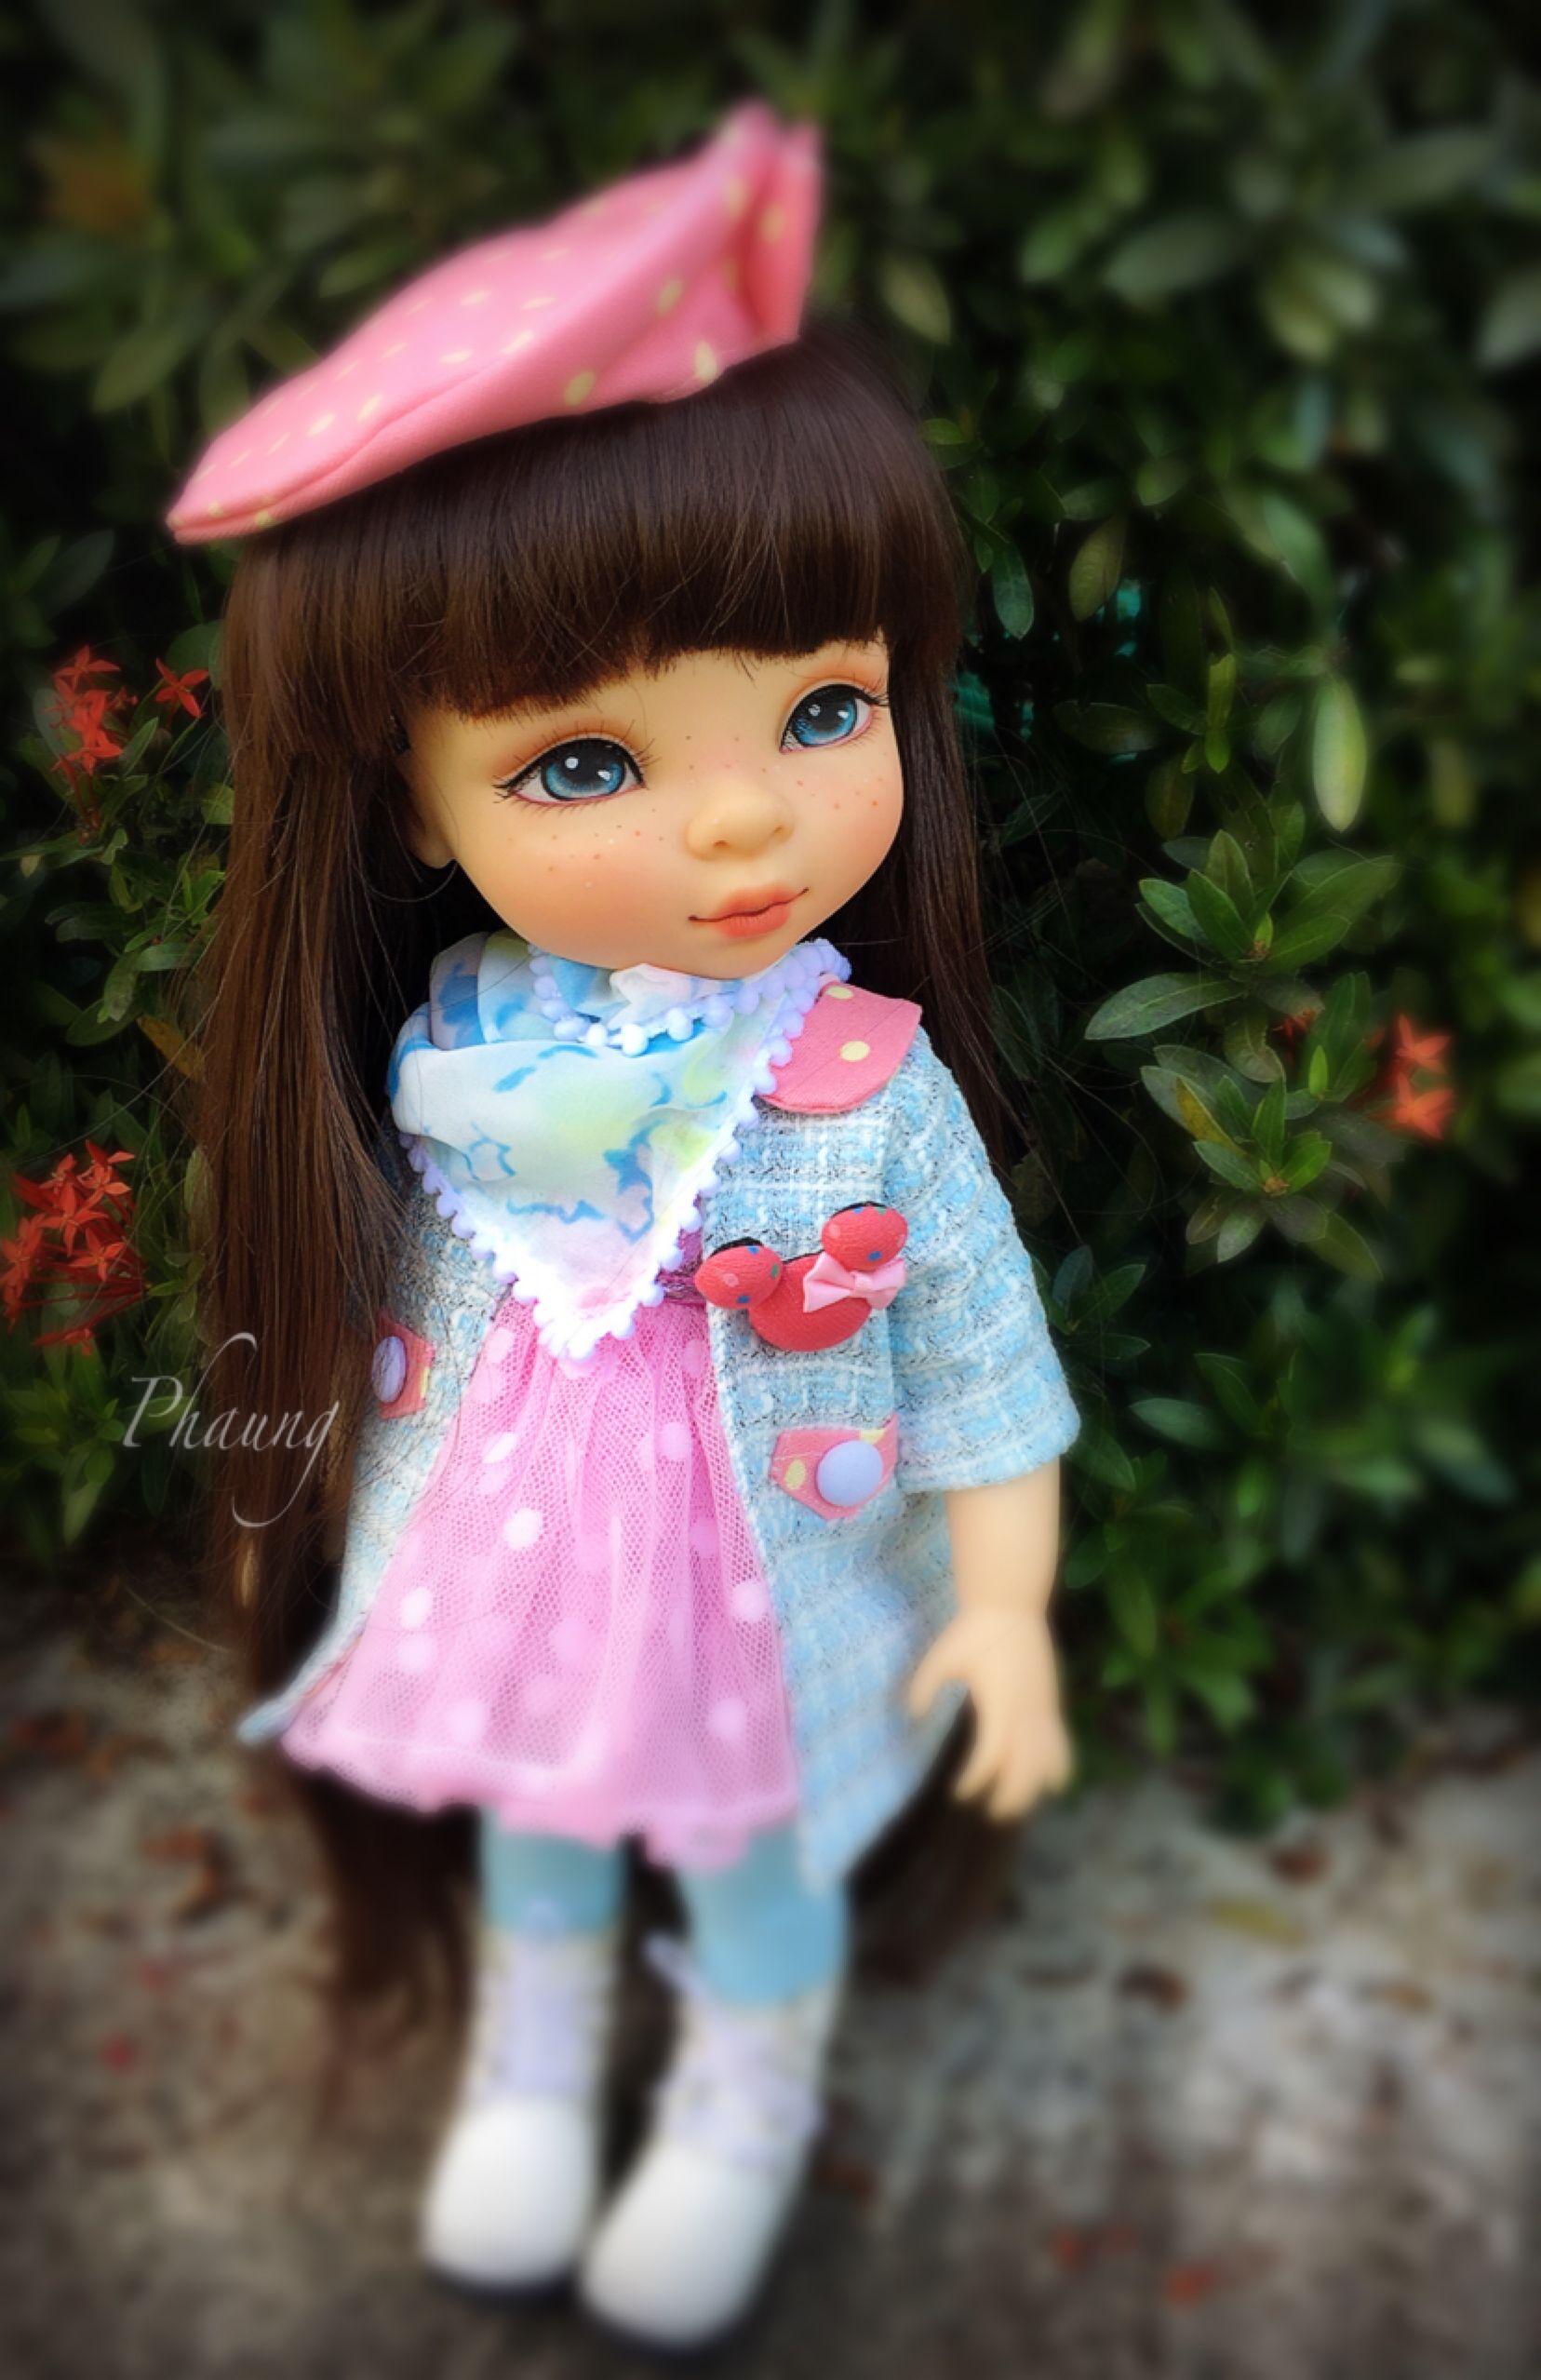 Pin de Linara Sorah em BJD | Bonecas de moda, Bonecas, Moda